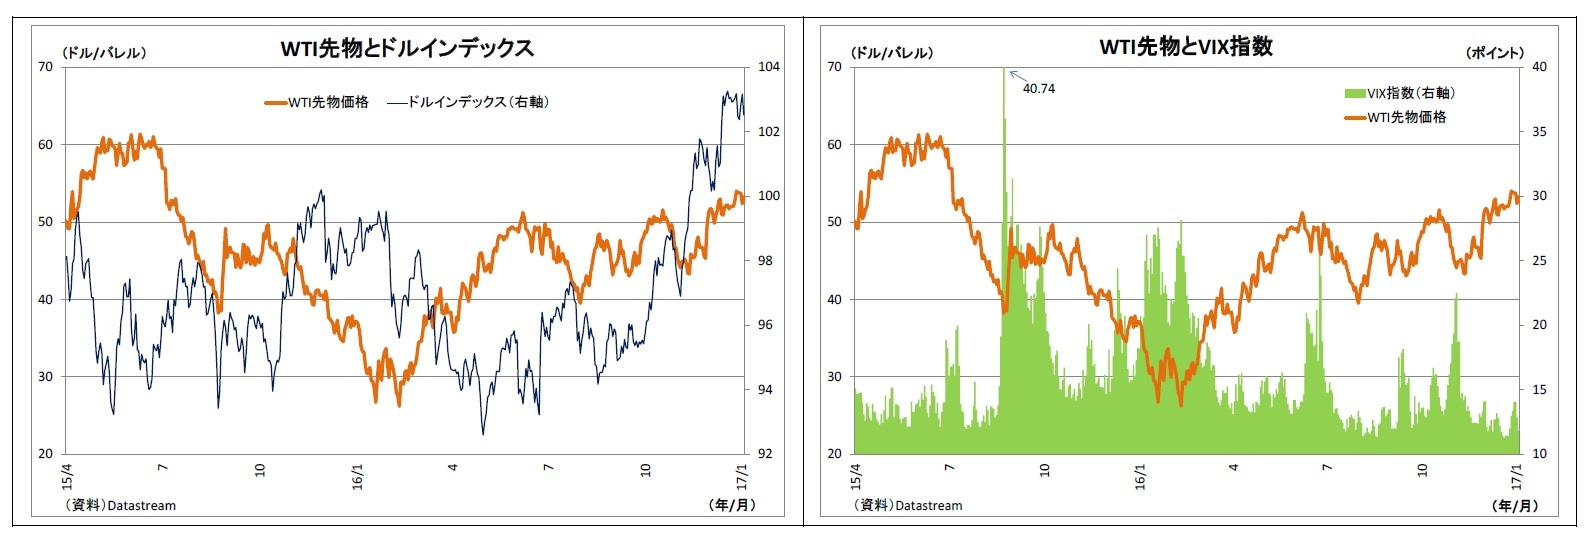 WTI先物とドルインデックス/WTI先物とVIX指数